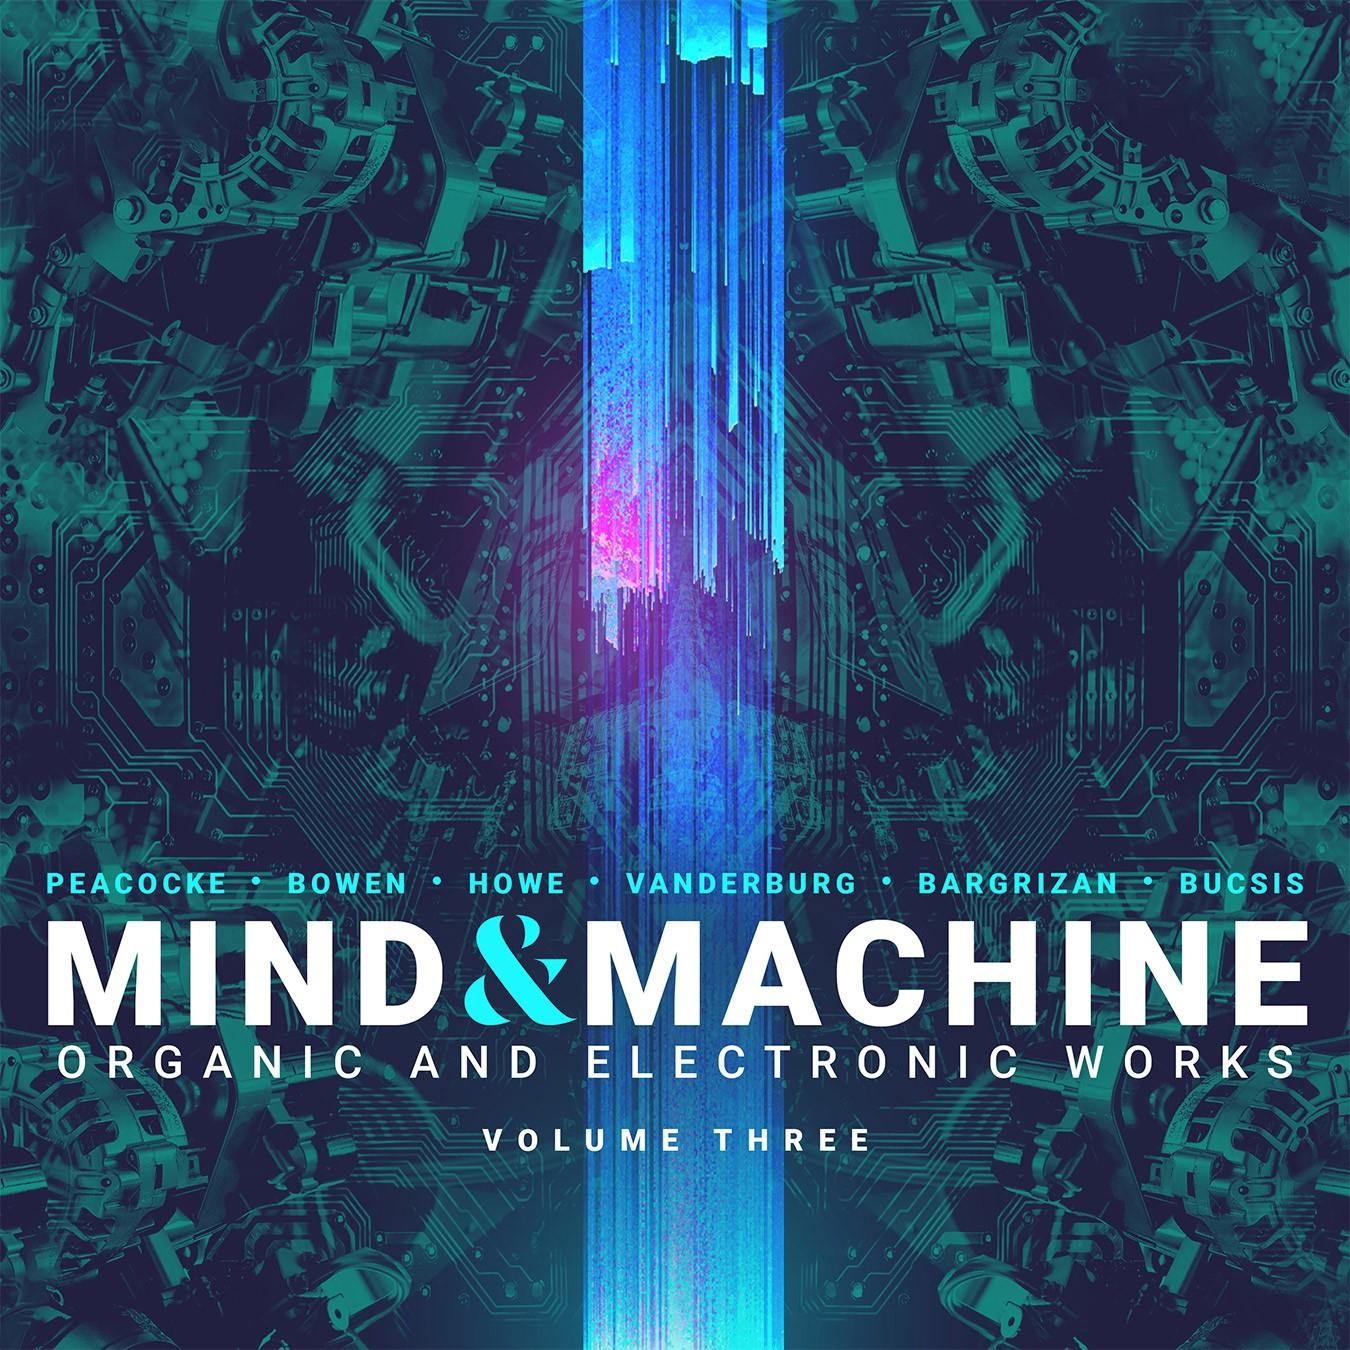 MIND AND MACHINE VOL 3 - album cover